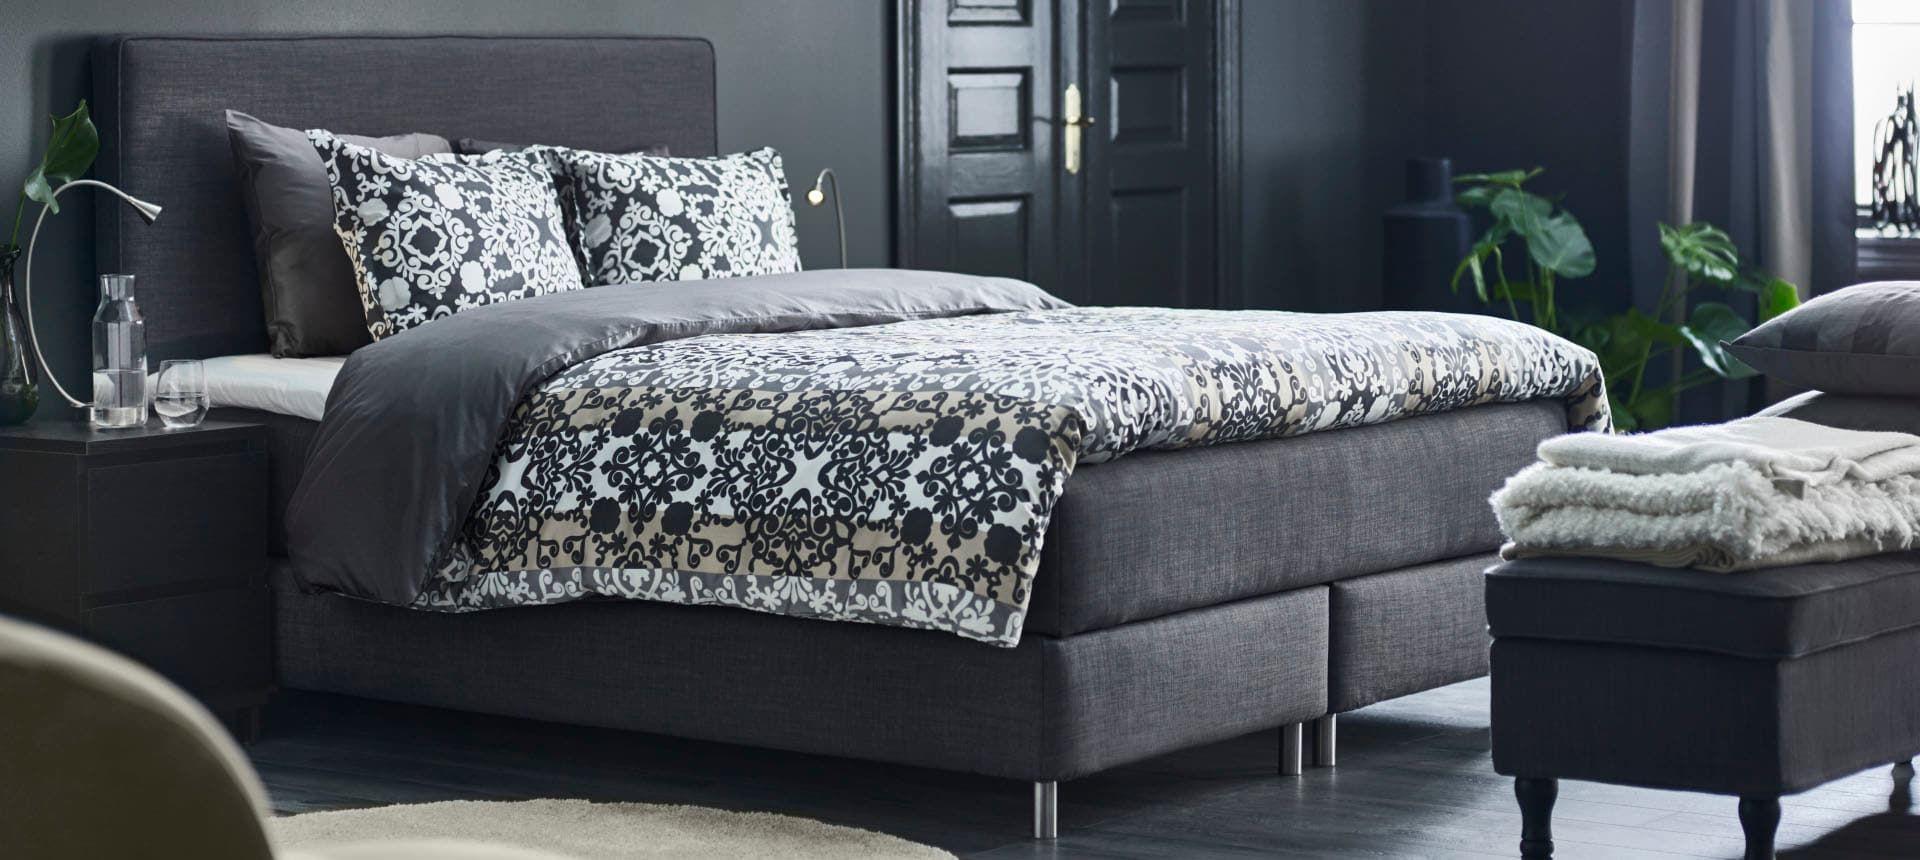 Full Size of Betten Günstig Kaufen Bettgestelle Gnstig Line Ikea Bett Uf Fhrung Jensen Wohnwert Velux Fenster 200x200 Weiß Flexa 140x200 Sofa Meise Ebay 180x200 Big Bett Betten Günstig Kaufen